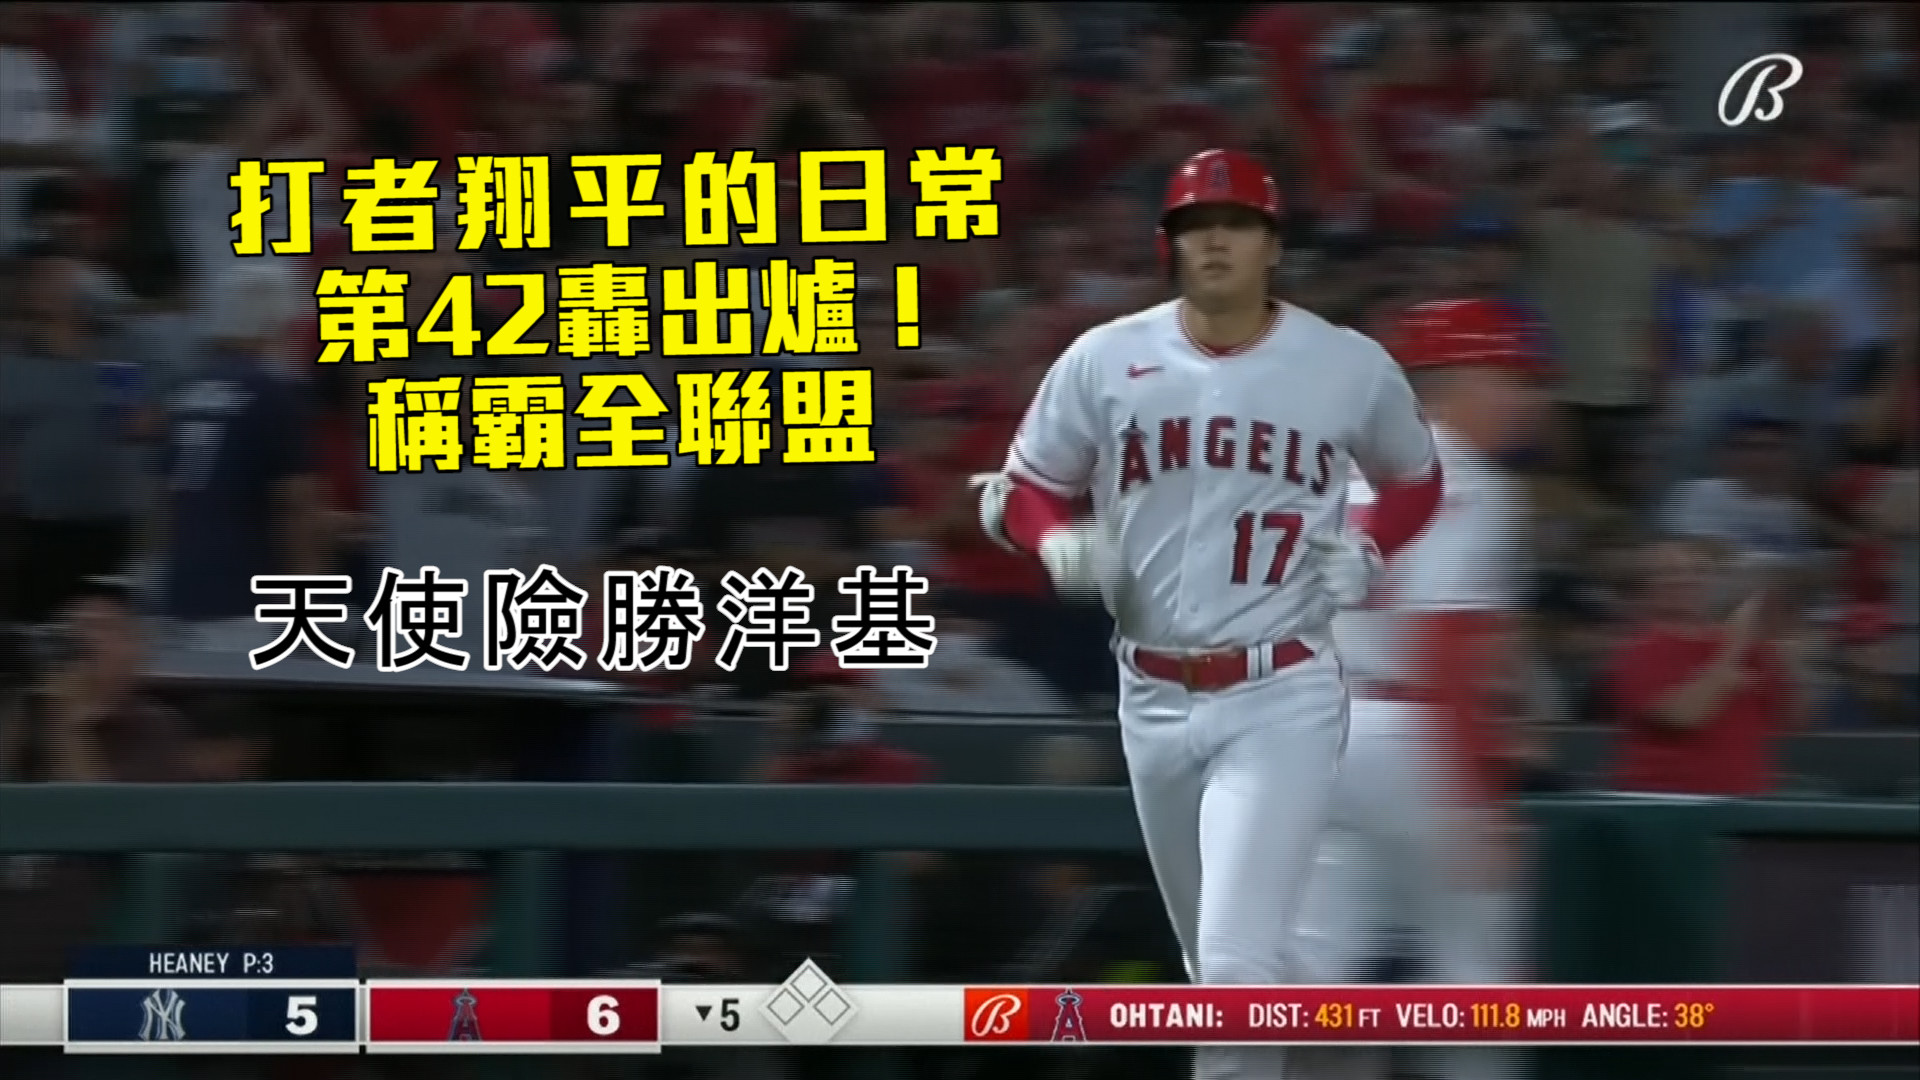 【MLB看愛爾達】大谷翔平42轟出爐 天使8:7勝洋基 08/31